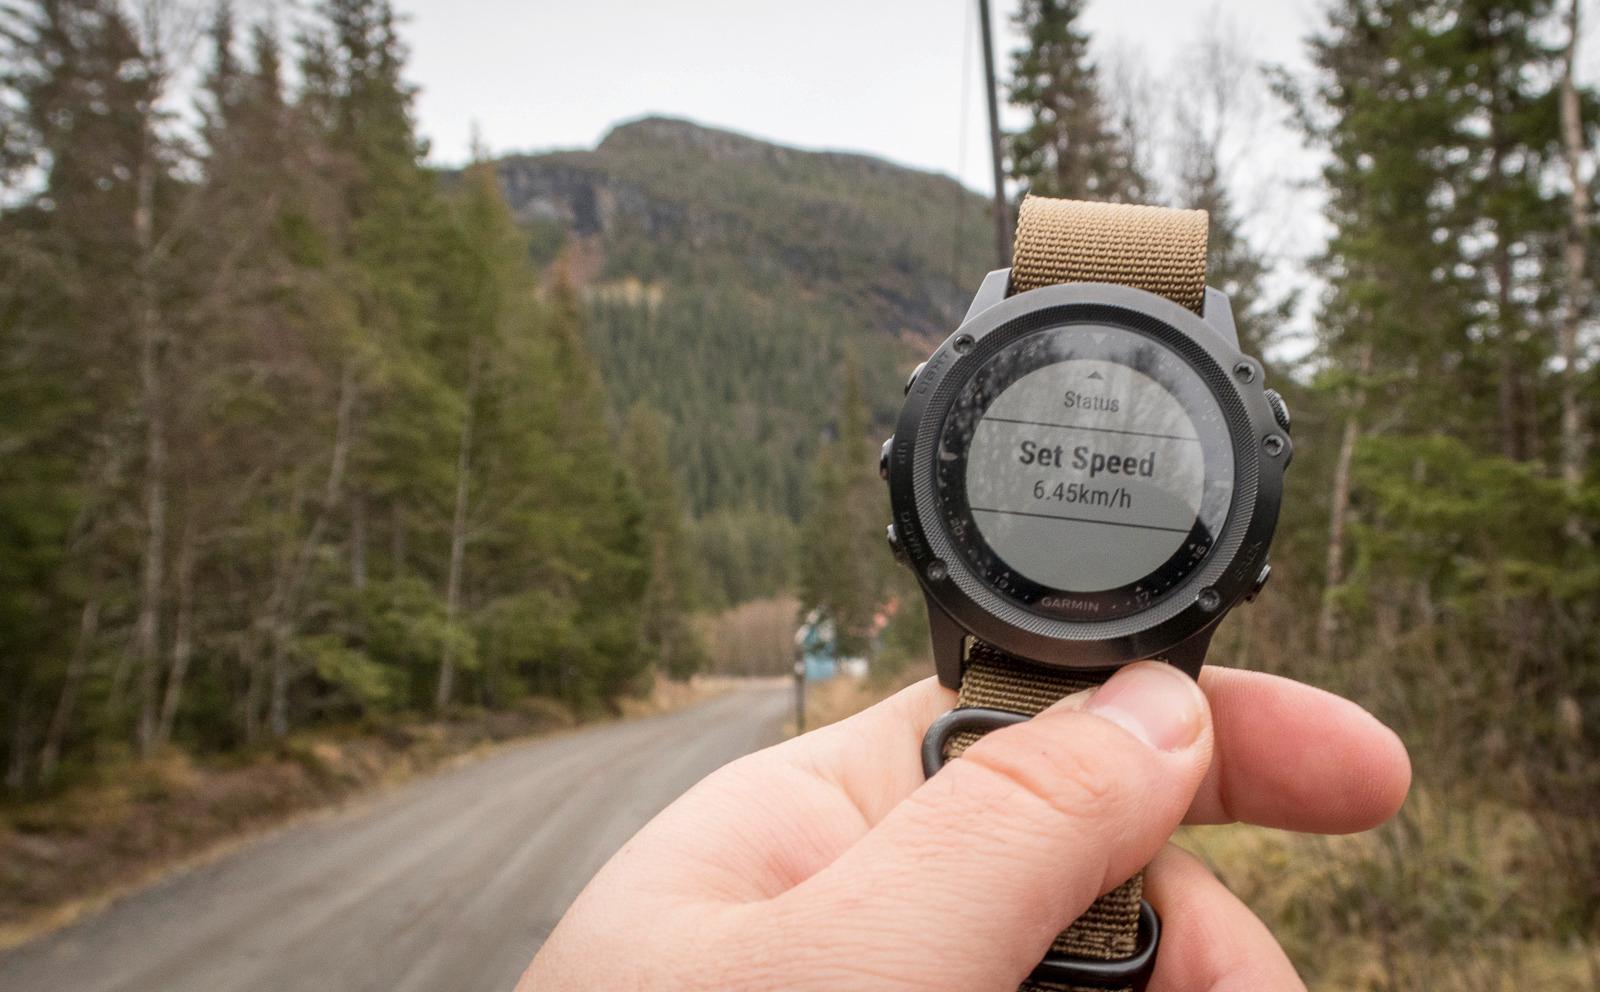 6,45 kilometer i timen opp der? Nei takk. Hvorfor kan vi ikke sette et mindre ambisiøst mål? 3 km/t hadde jo vært raskt nok i bratte fjellsider.